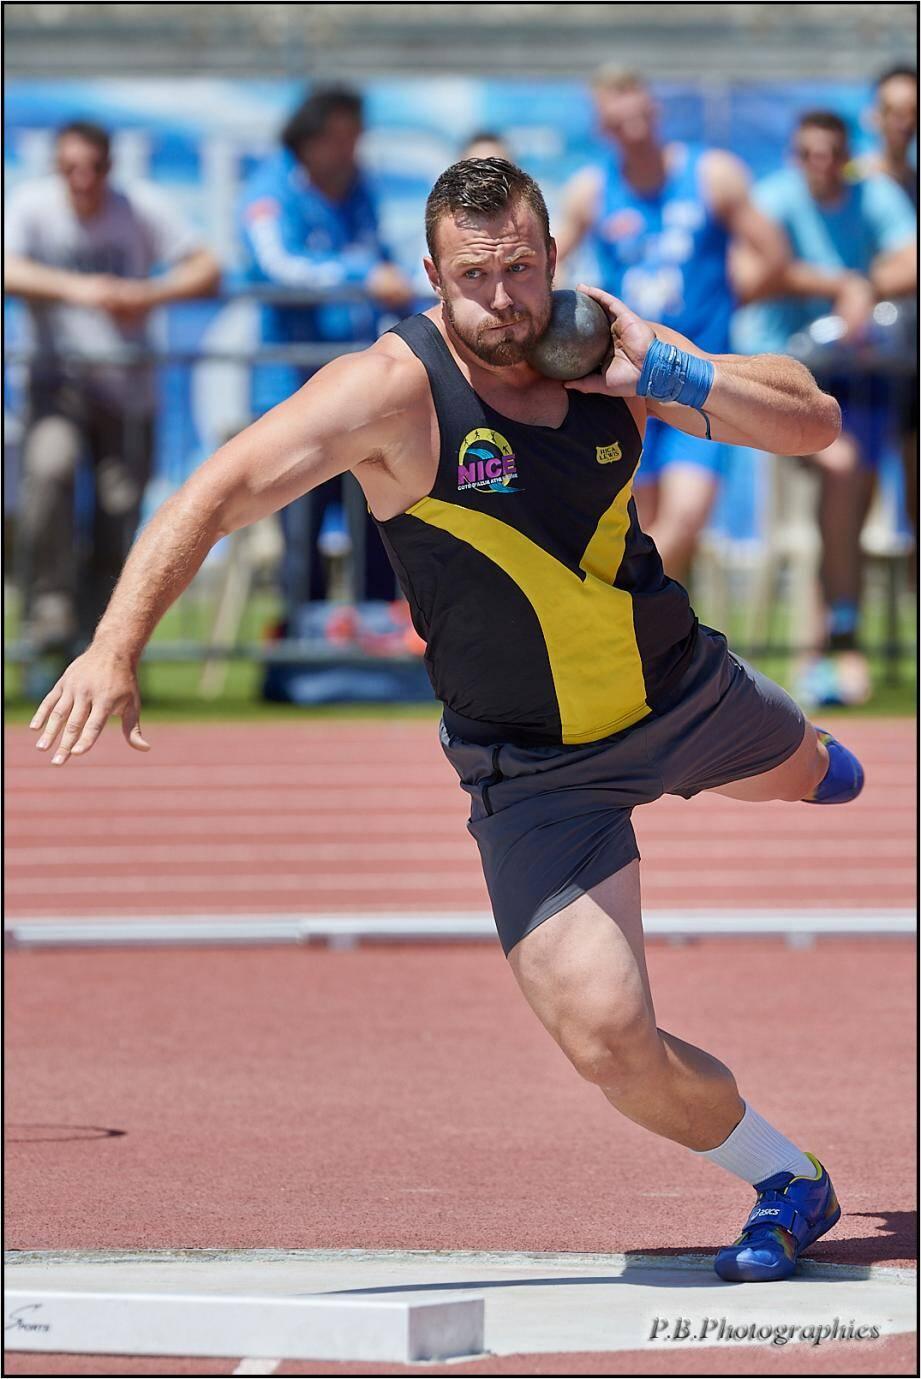 Le Niçois Frédéric Dagée a effectué une série de quatre jets à plus de 20 m, dont un nouveau record personnel à 20,36 m.